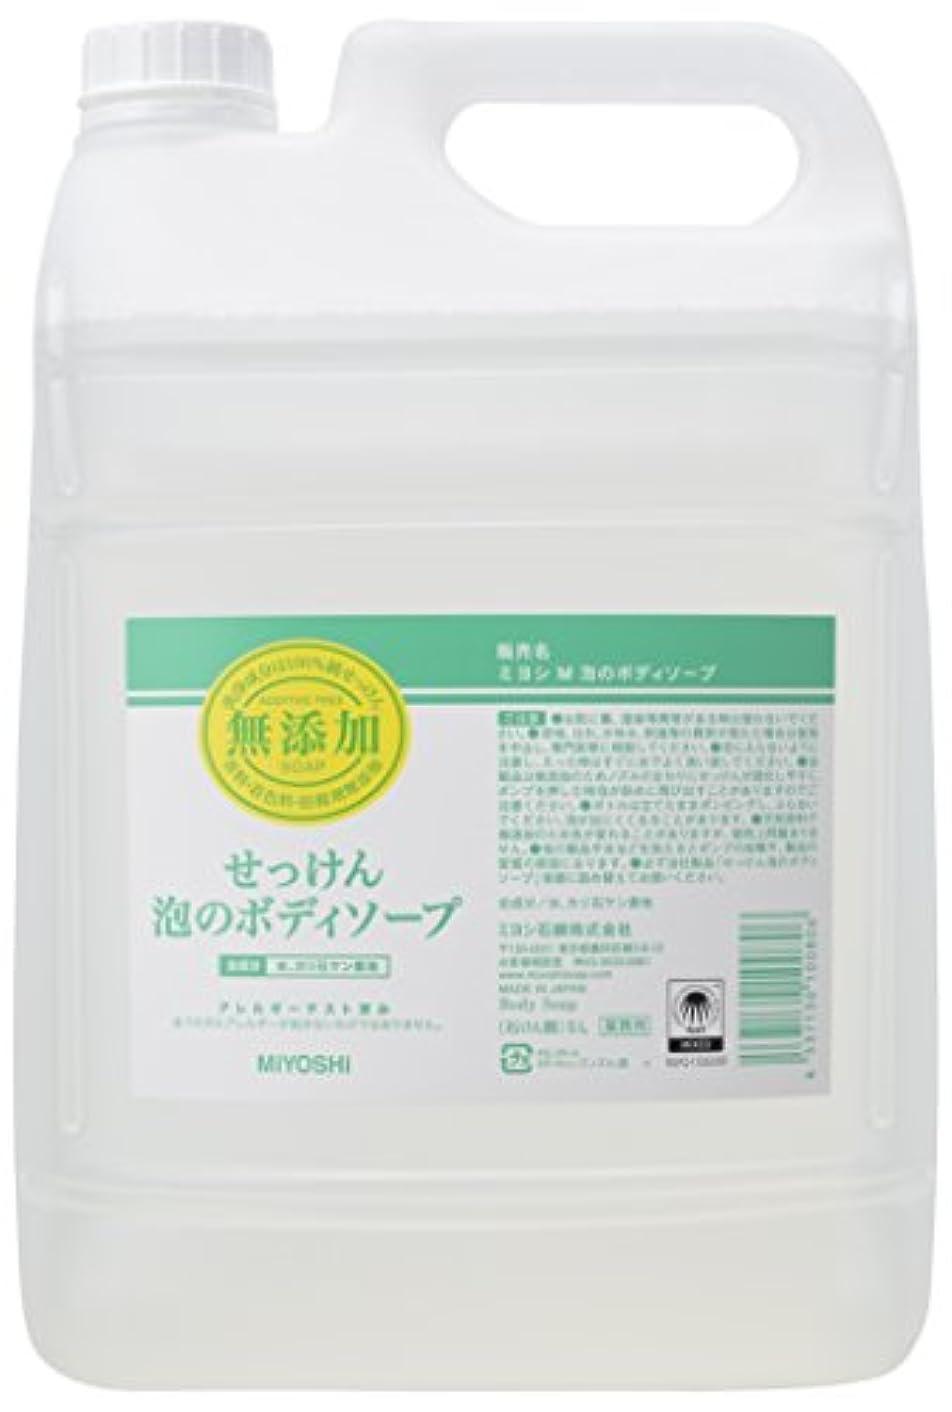 ソーダ水薬理学ぶら下がるミヨシ石鹸 無添加せっけん 泡のボディソープ 詰替え用 5L